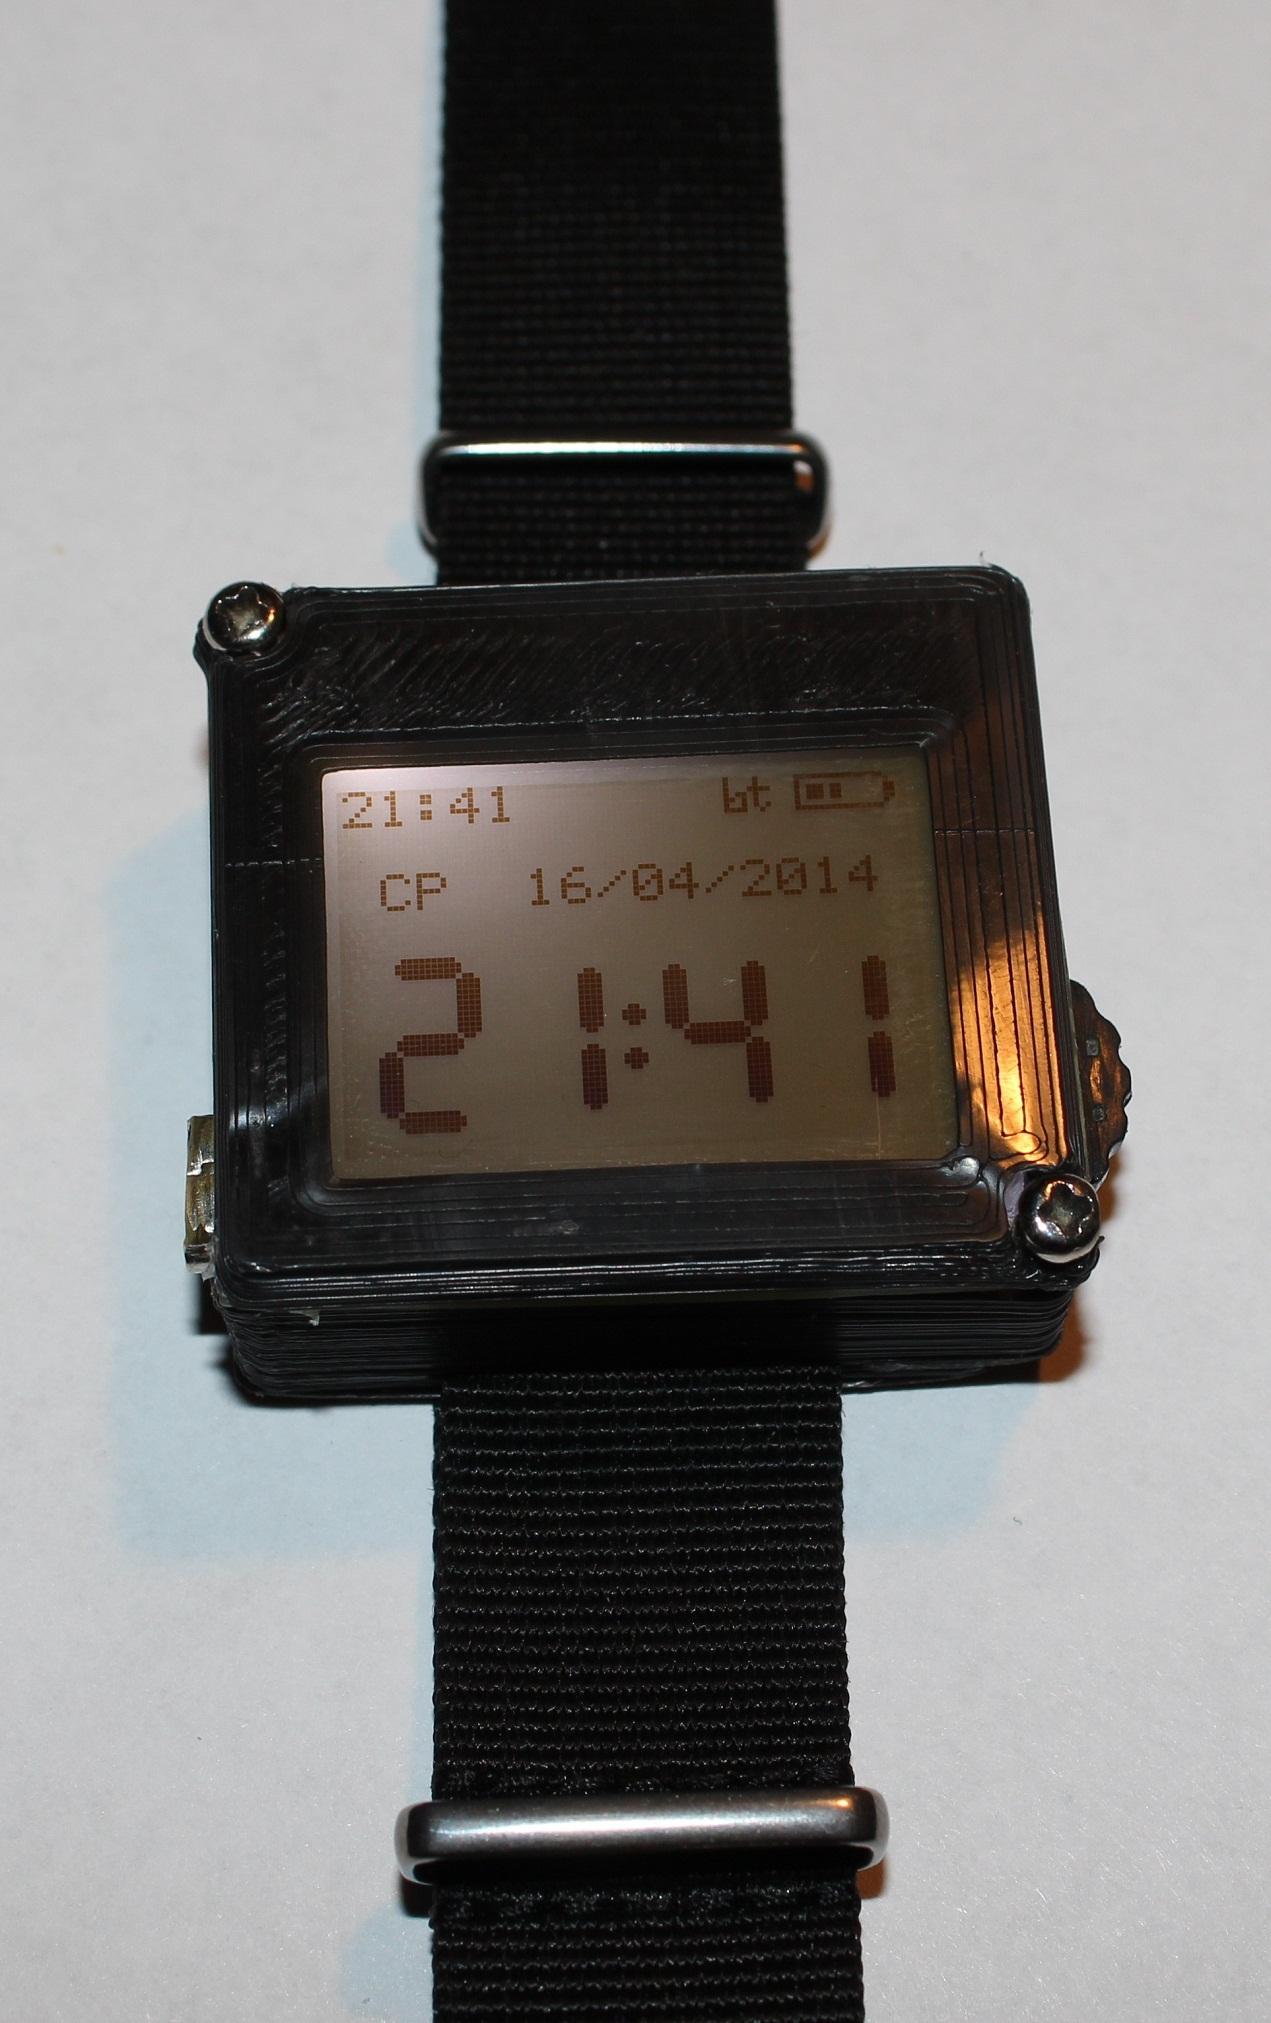 Умные часы своими руками за 1500 рублей. Часть 3 – программа на МК